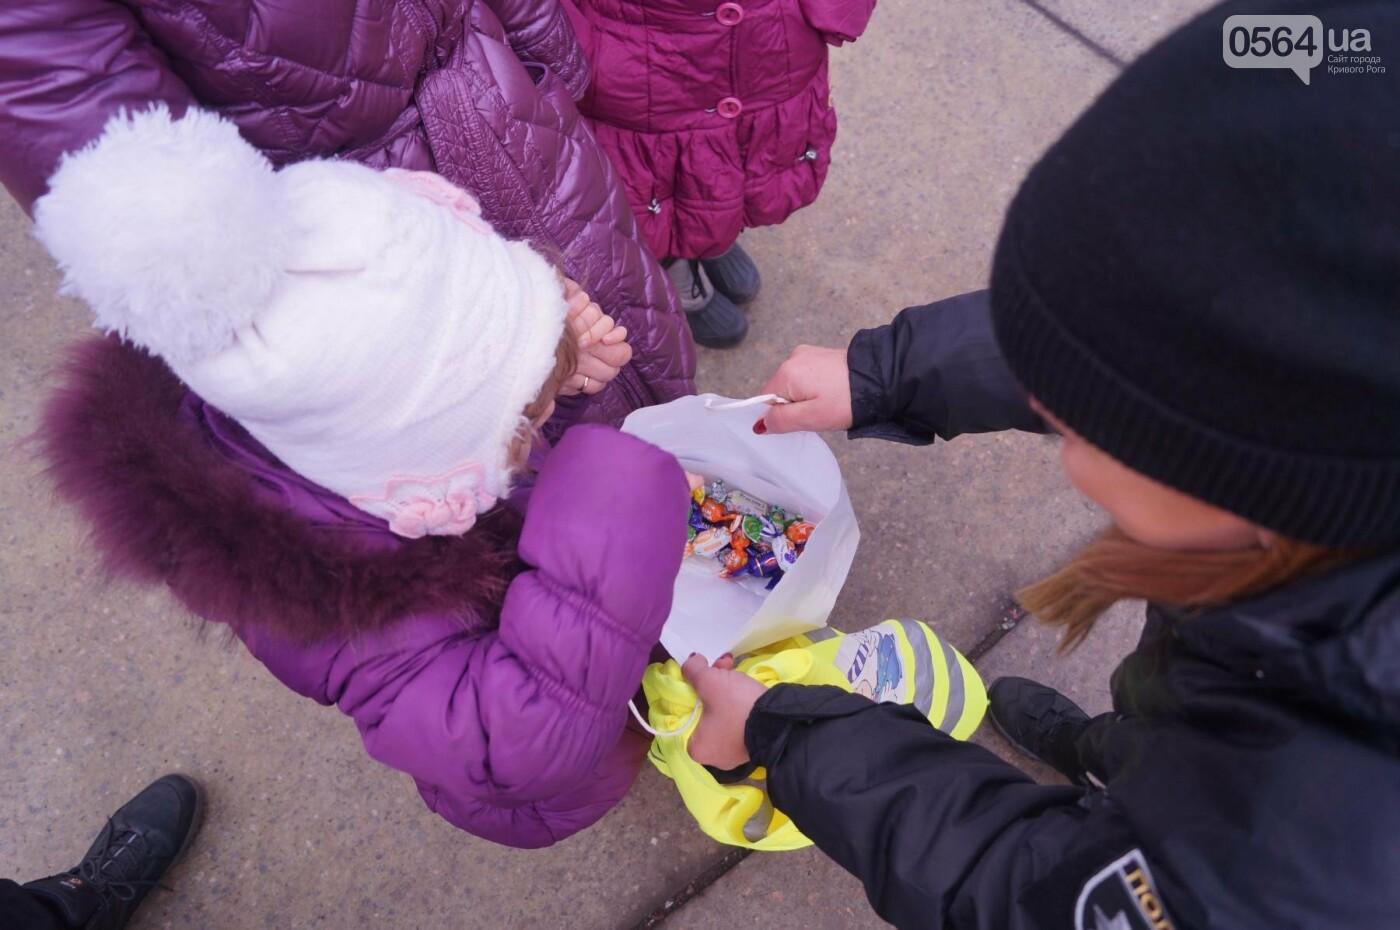 Встреча криворожских полицейских с детьми закончилась преждевременно (ФОТО), фото-32